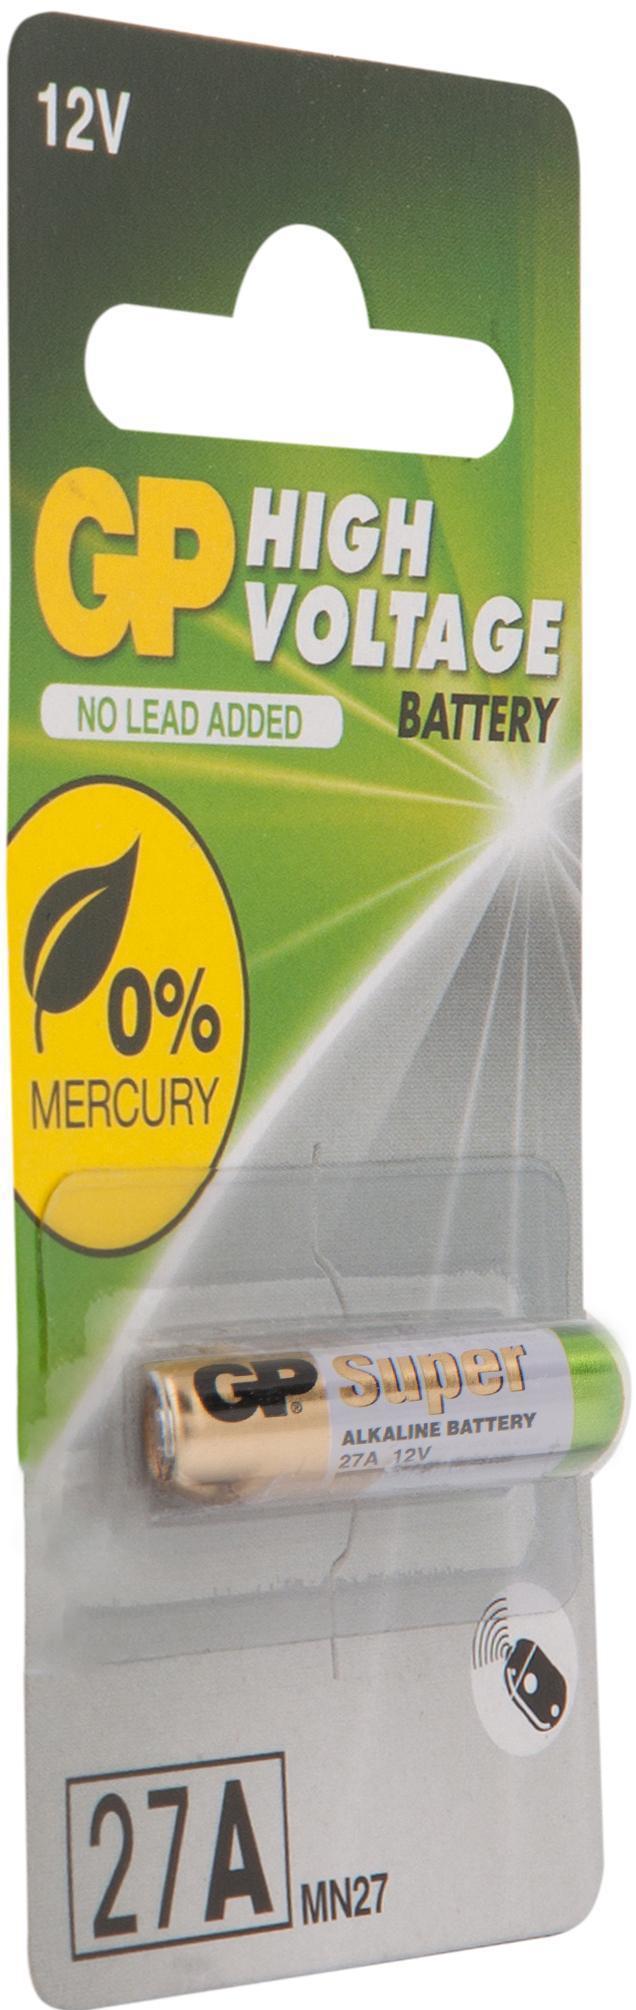 Высоковольтная батарейка 12В GP 27AF (Блистер, 1 шт) батарейка gp алкалиновые типоразмера аа 4 шт